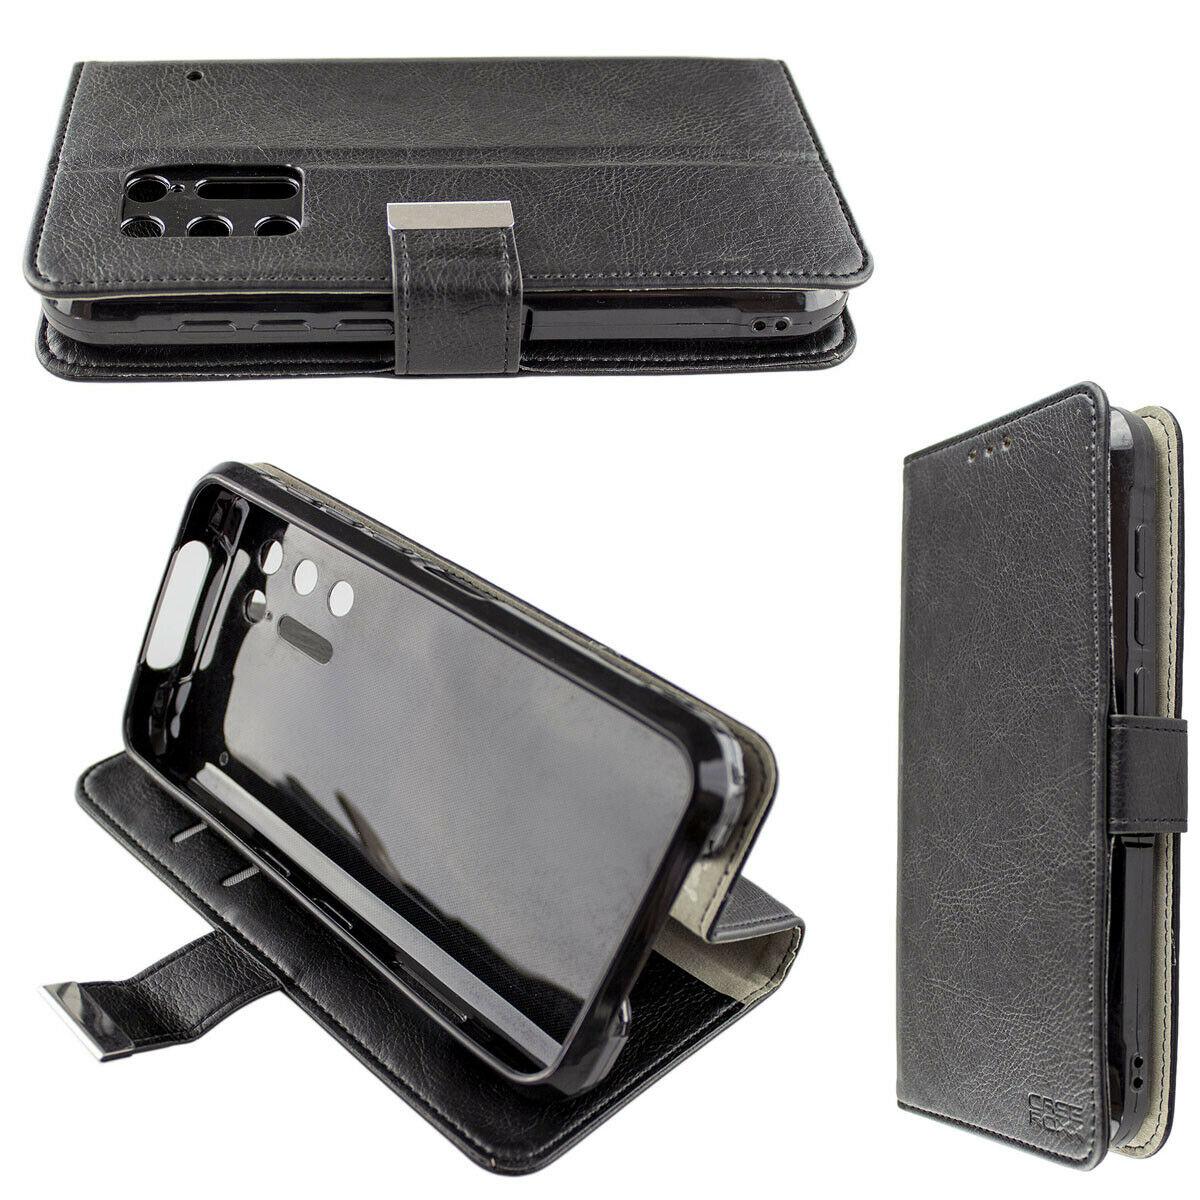 Pouzdro pro Doogee S97 Pro černé